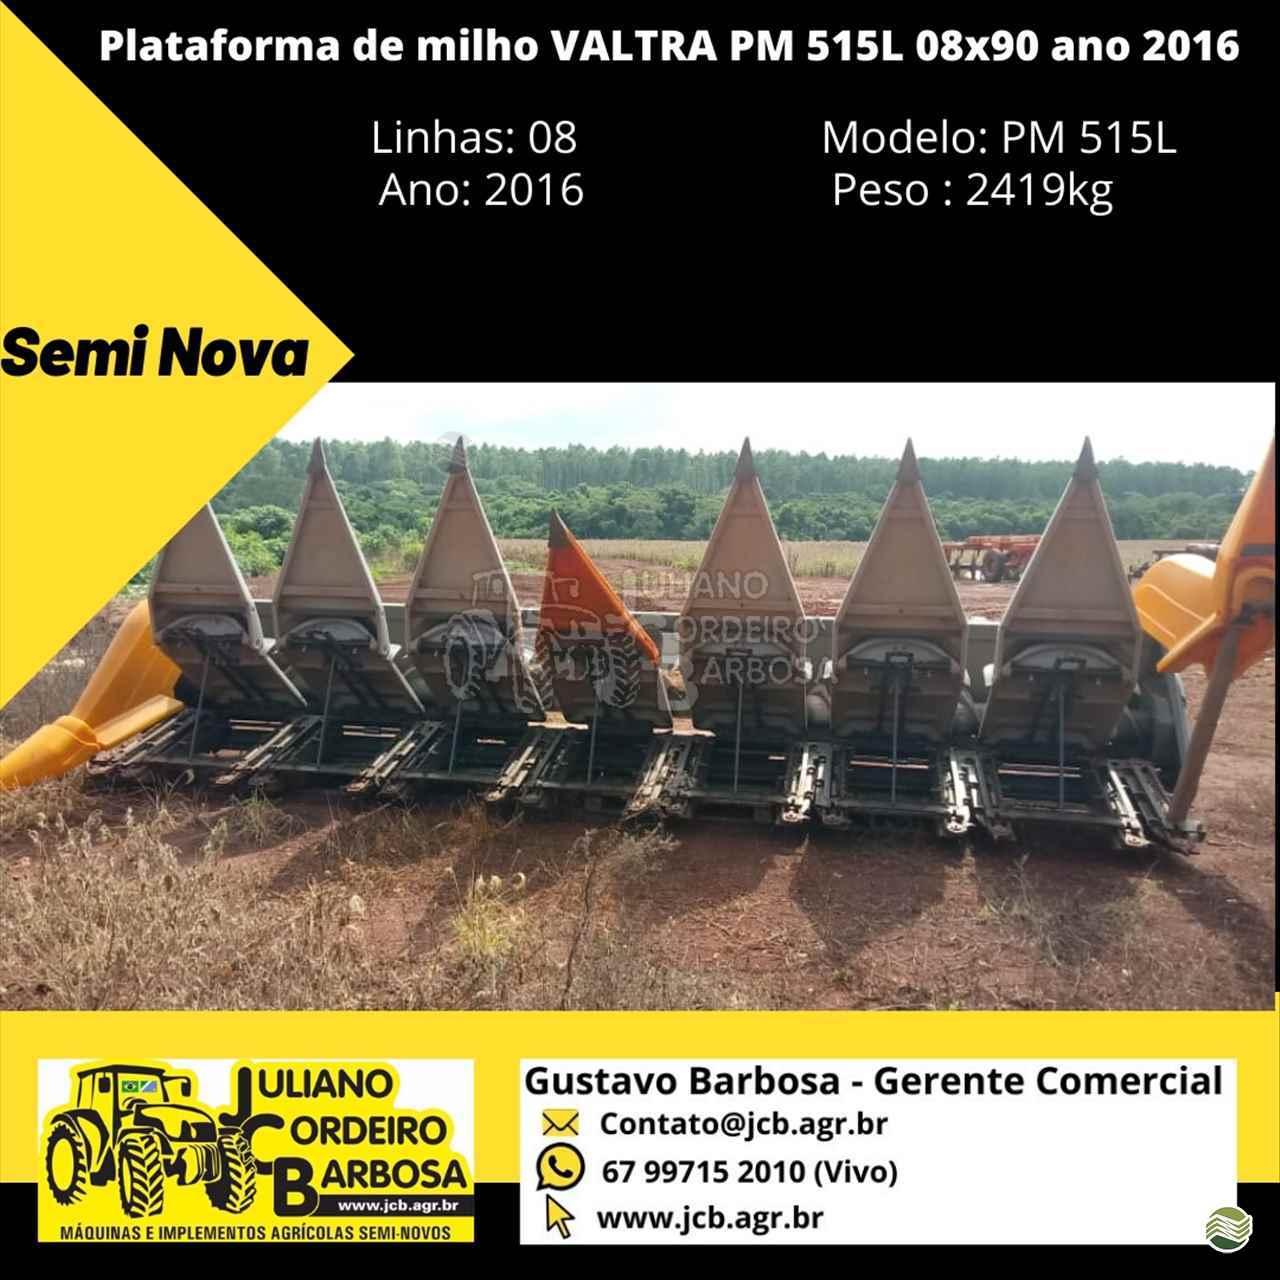 PLATAFORMA COLHEITADEIRA VALTRA PM 515 JCB Máquinas e Implementos Agrícolas MARACAJU MATO GROSSO DO SUL MS